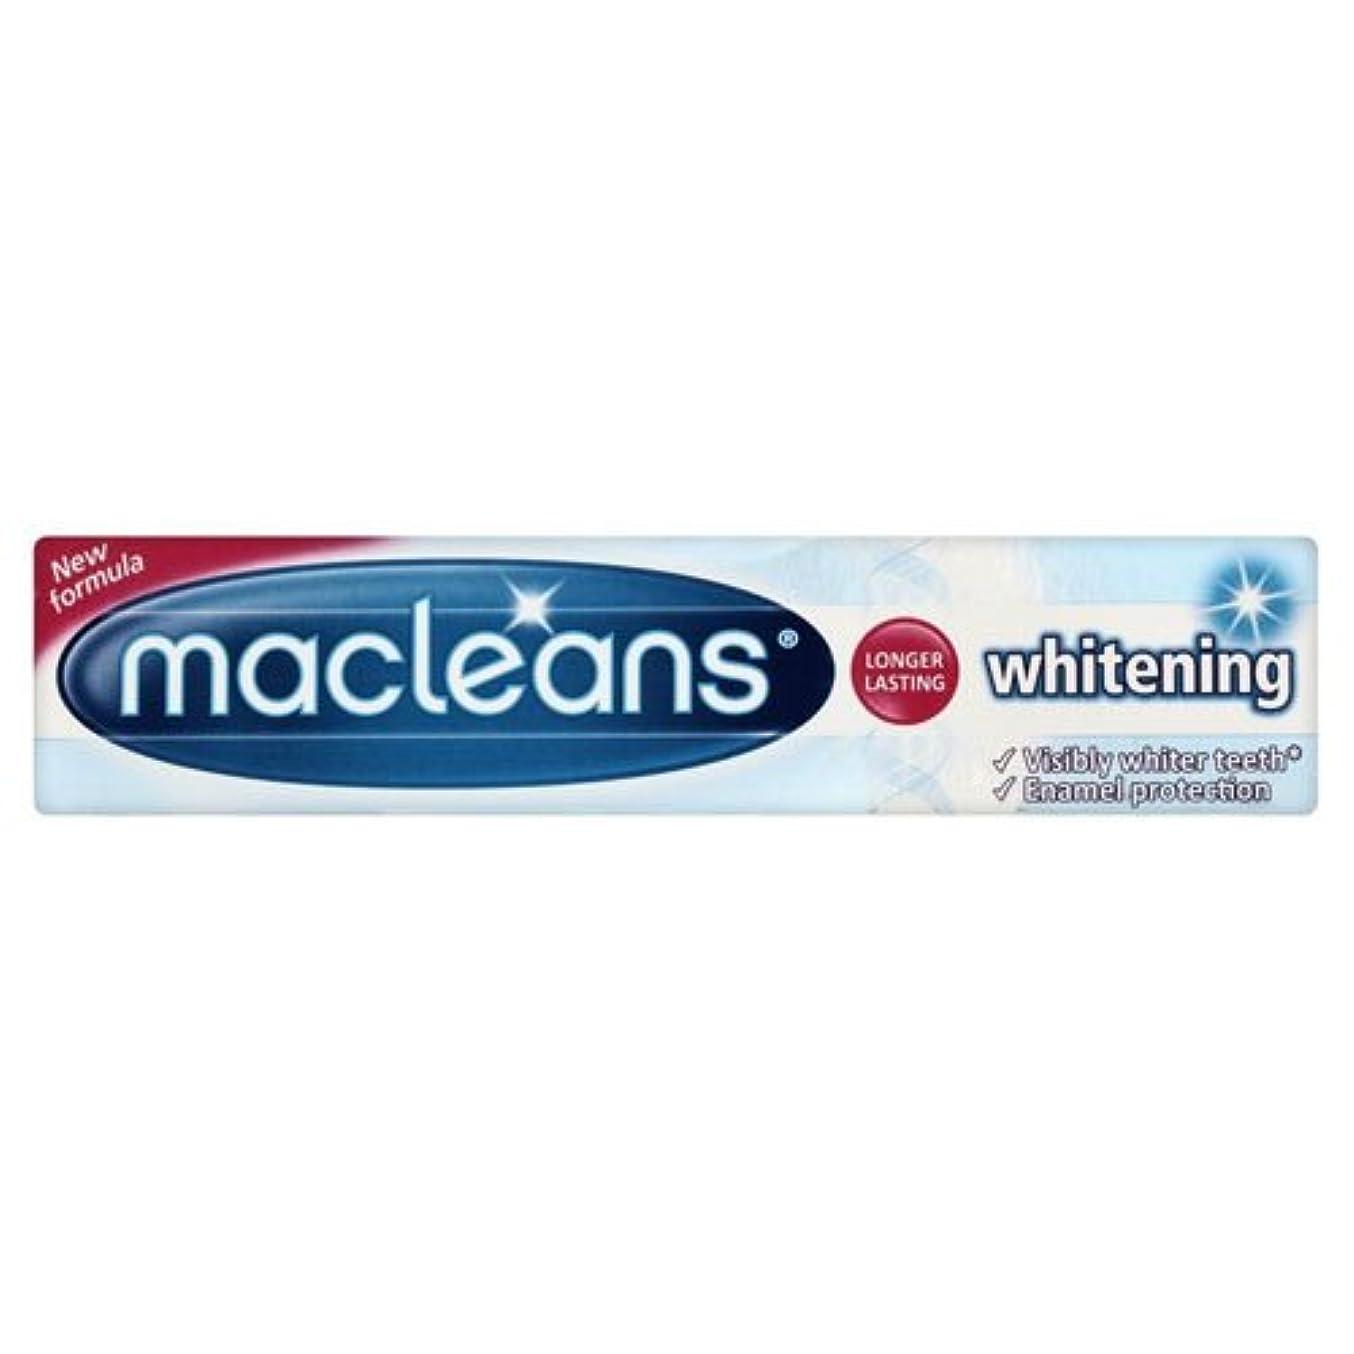 漏れブレース褐色Macleans Whitening Toothpaste Tube 100ml by Macleans